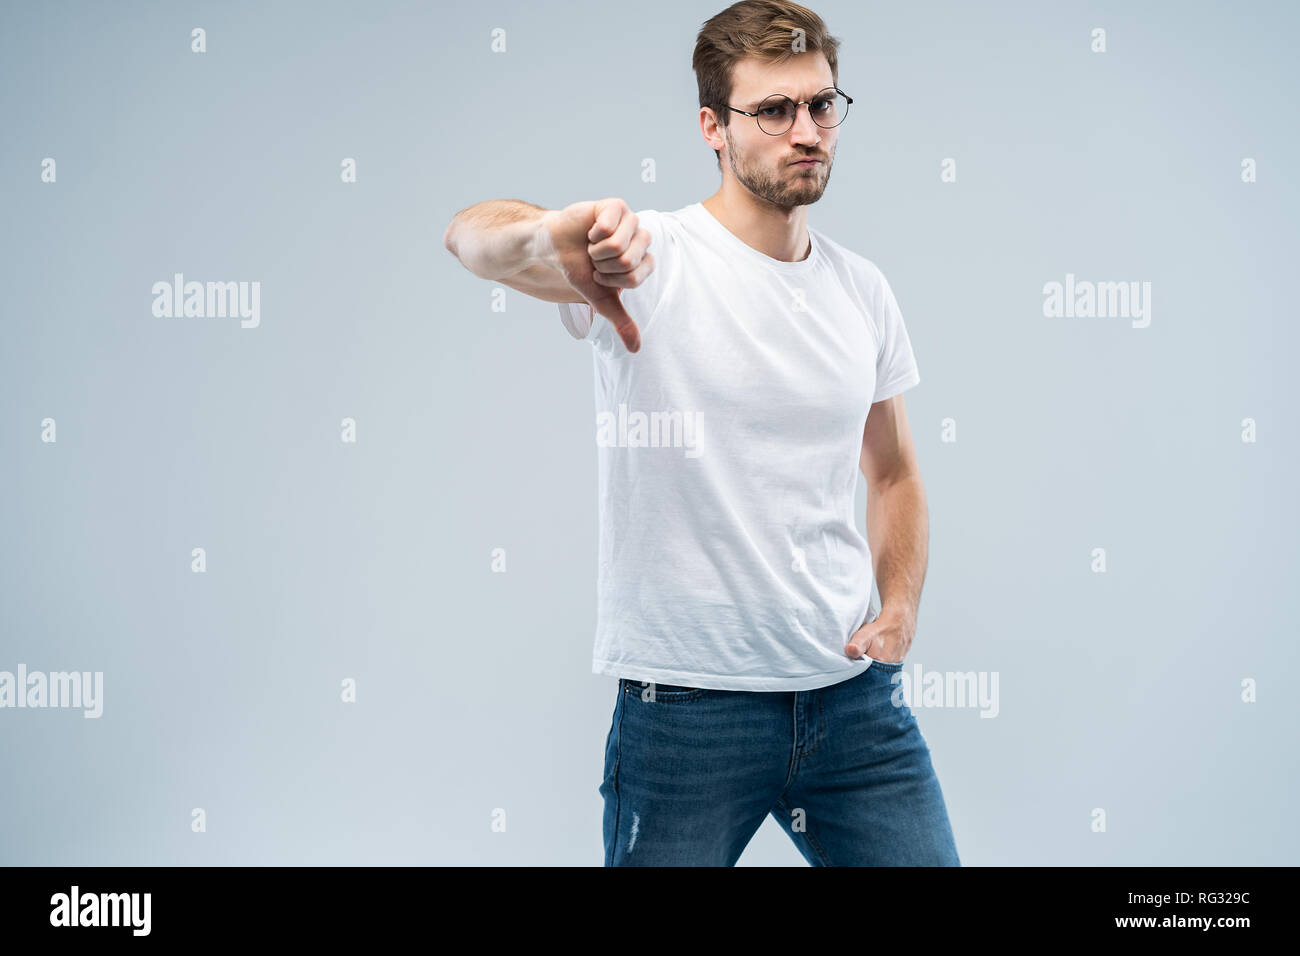 La mode homme élégant à l'intérieur pose contre l'arrière-plan gris, montre des signes d'aversion, ressemble à l'expression négative. Photo Stock